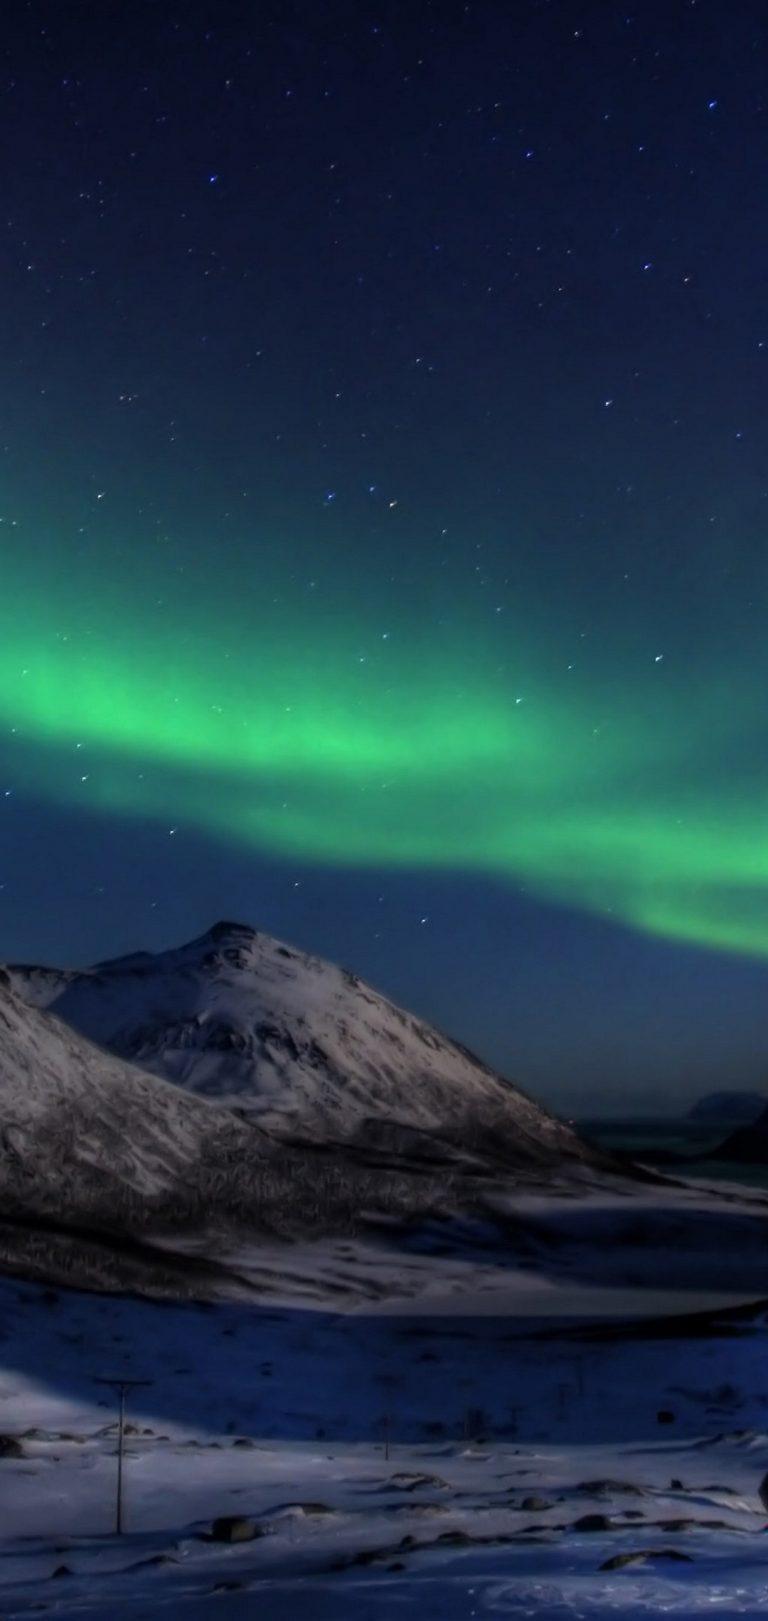 Aurora Borealis Wallpaper 1080x2280 768x1621